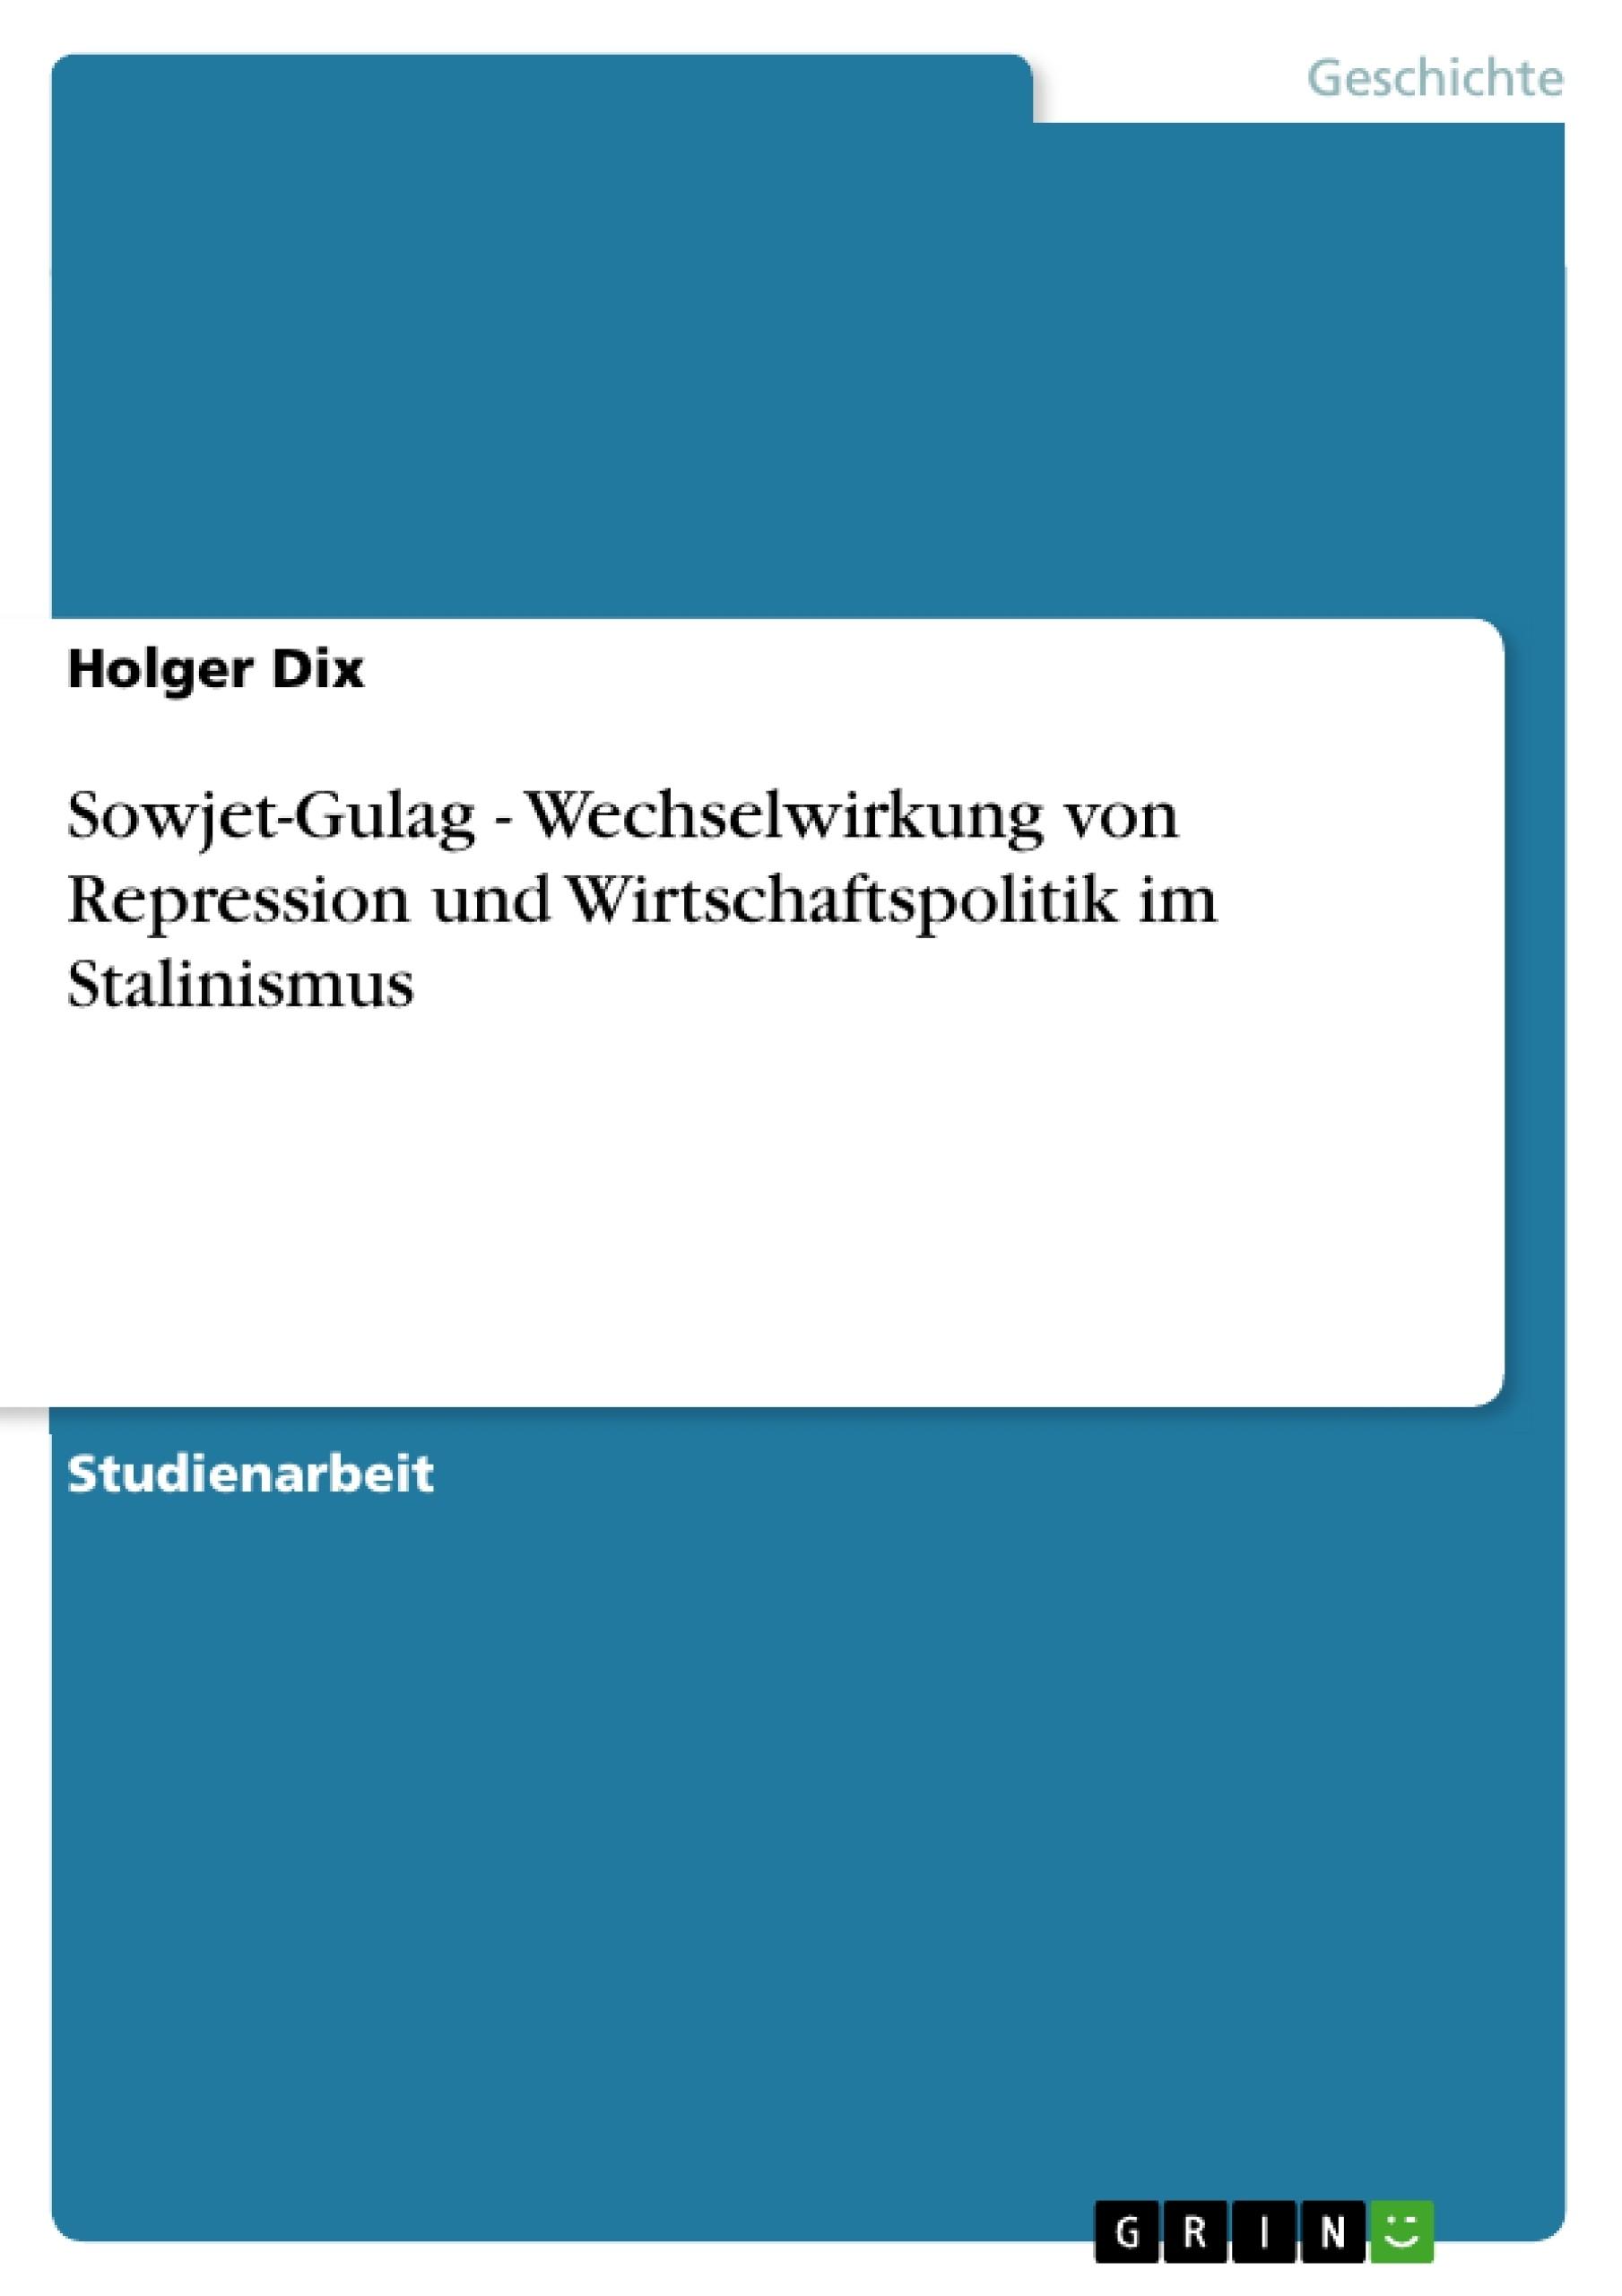 Titel: Sowjet-Gulag - Wechselwirkung von Repression und Wirtschaftspolitik im Stalinismus